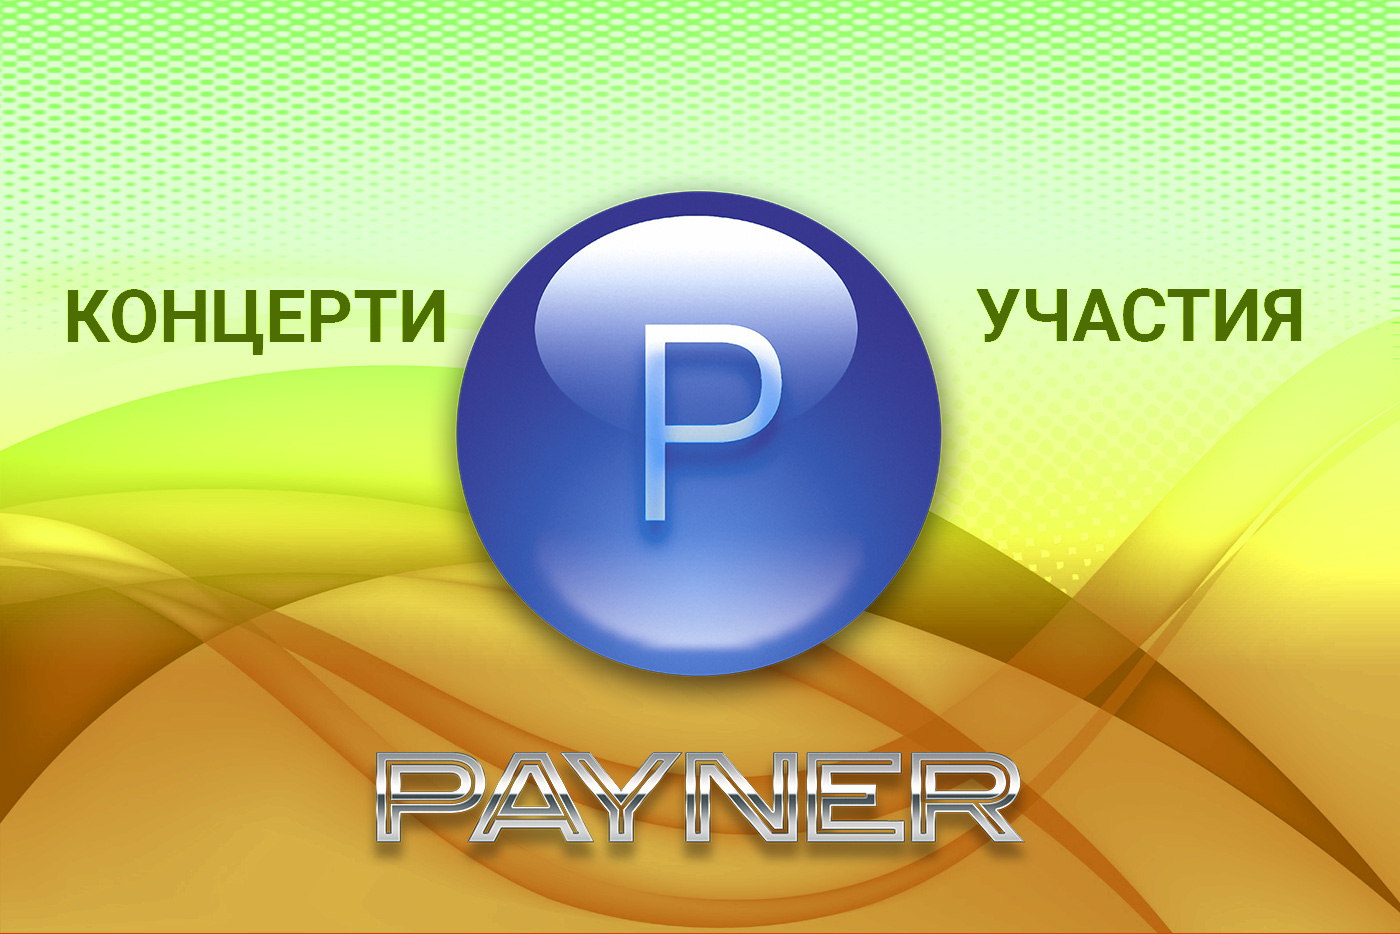 """Участия на звездите на """"Пайнер"""" на 10.03.2019"""